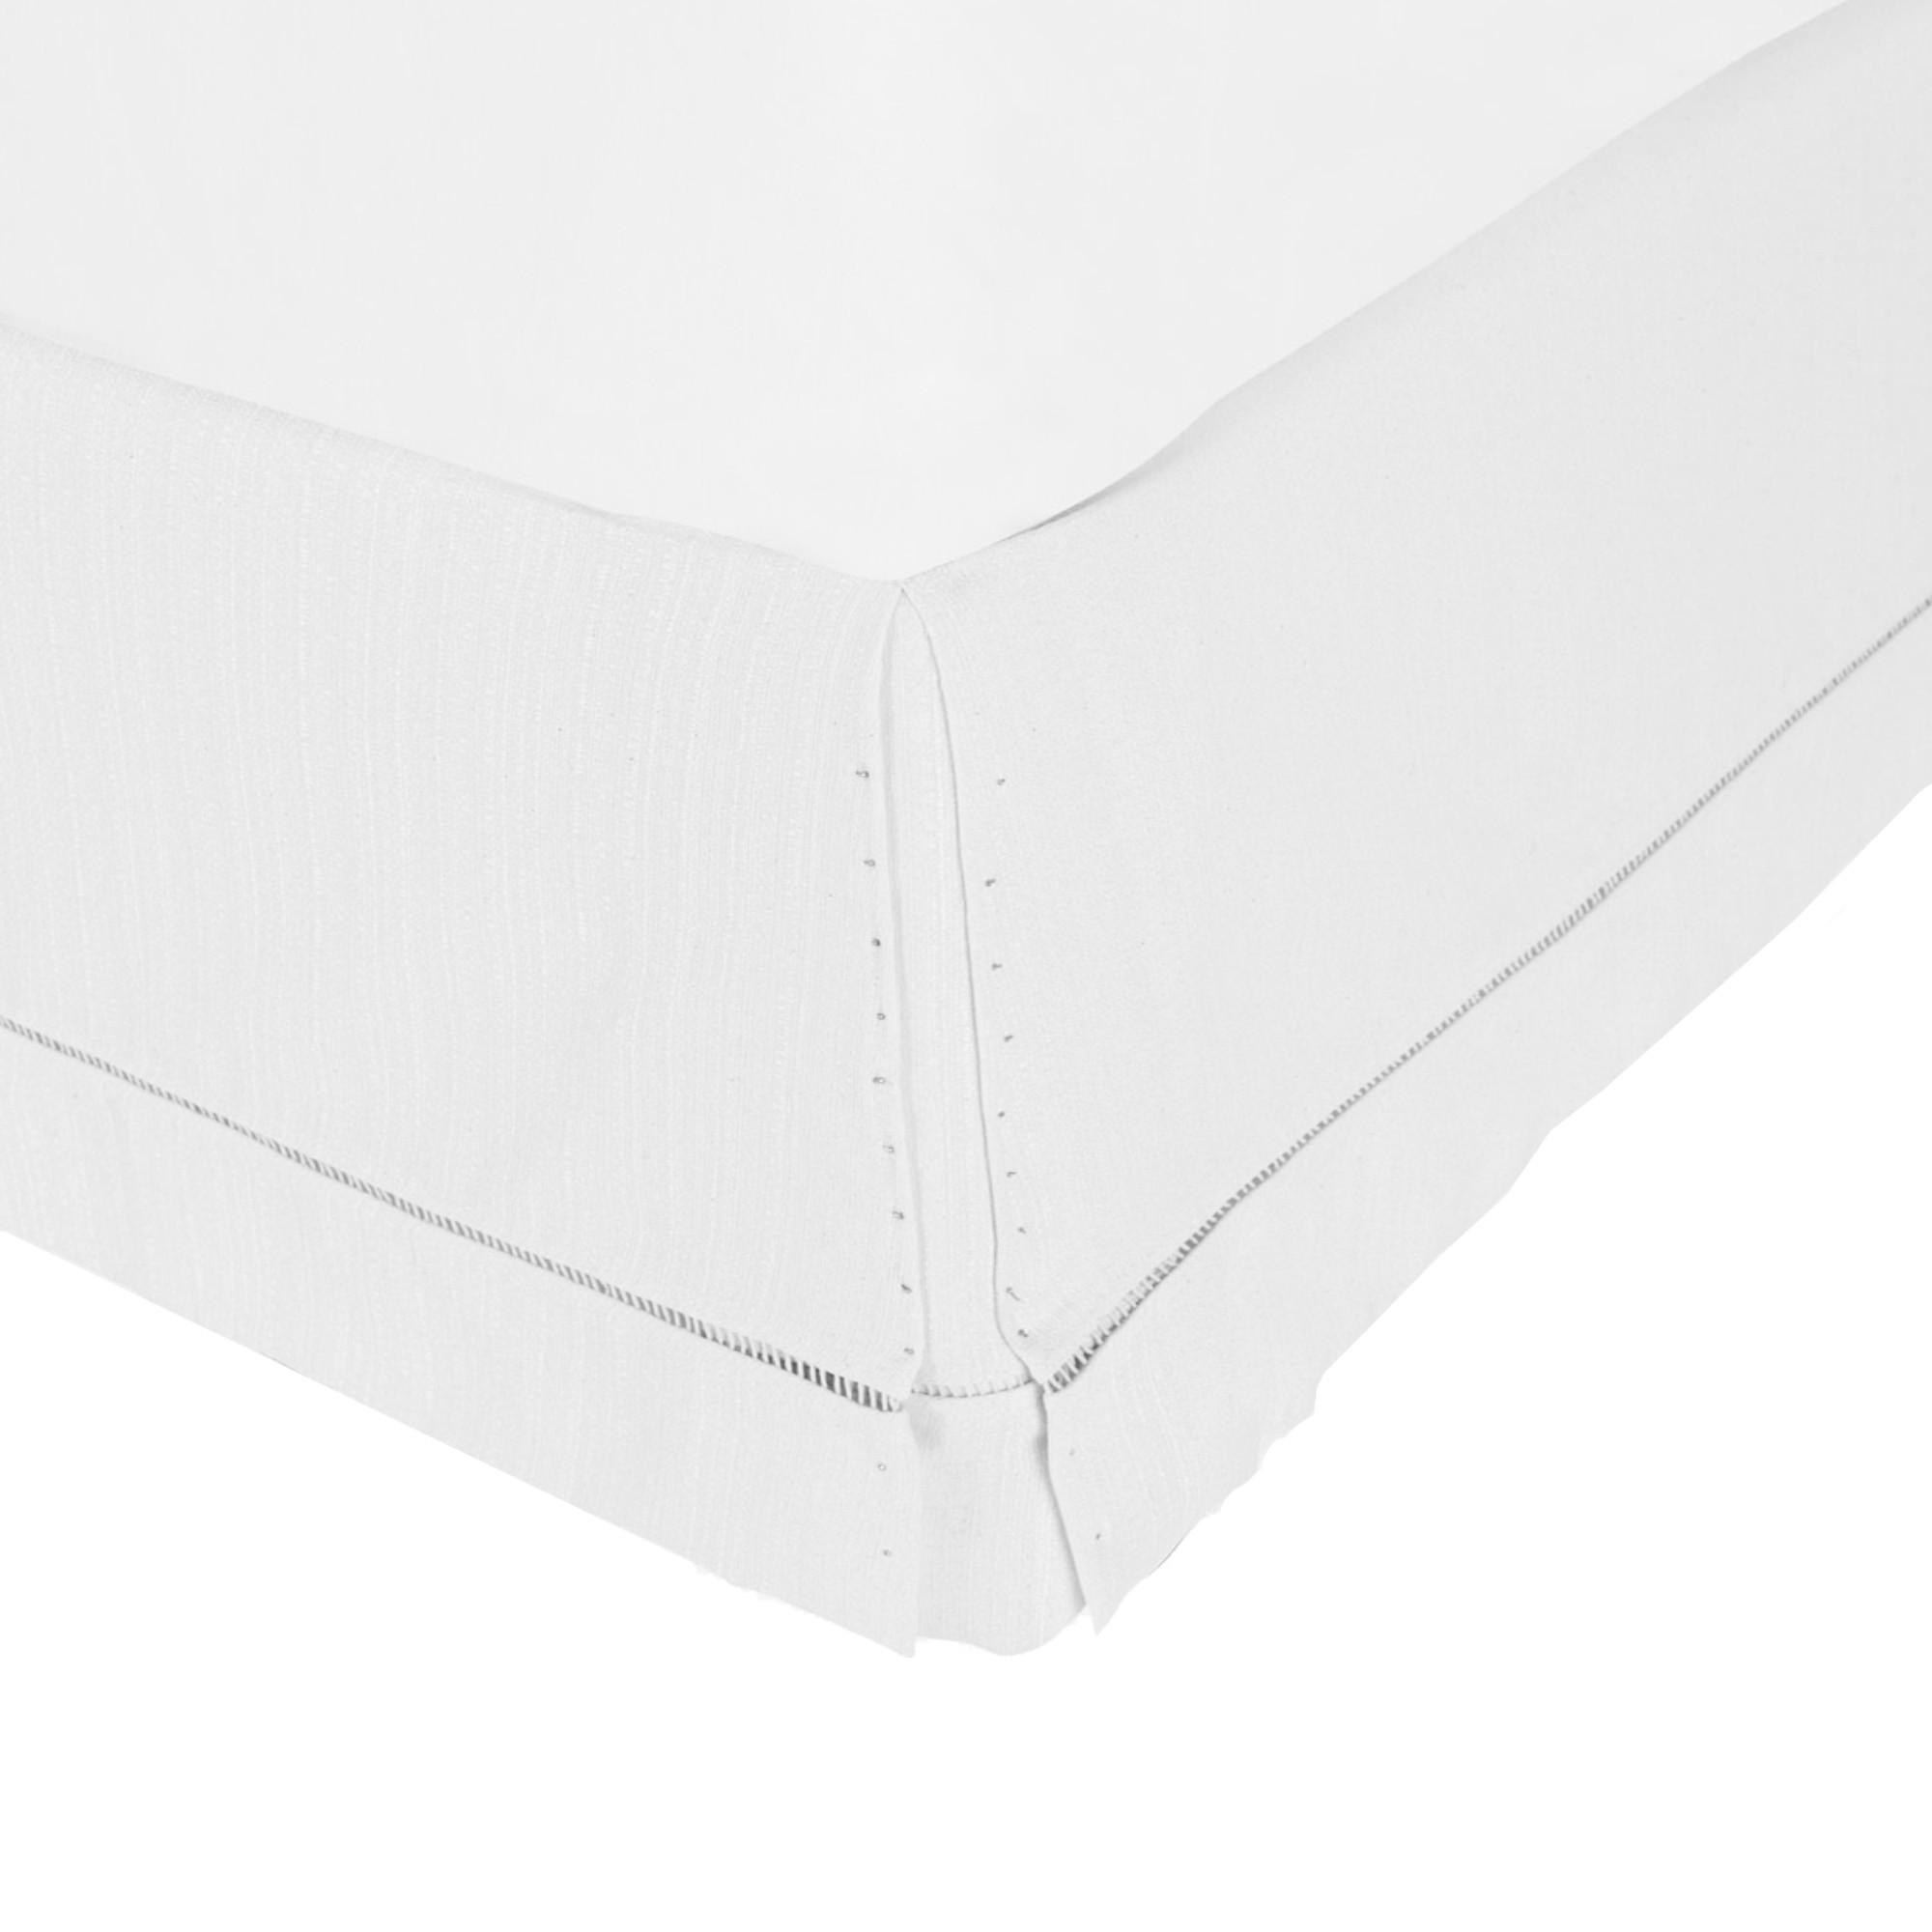 Saia para Cama Box com Ponto Palito Branca [Queen 158 x 198 cm]